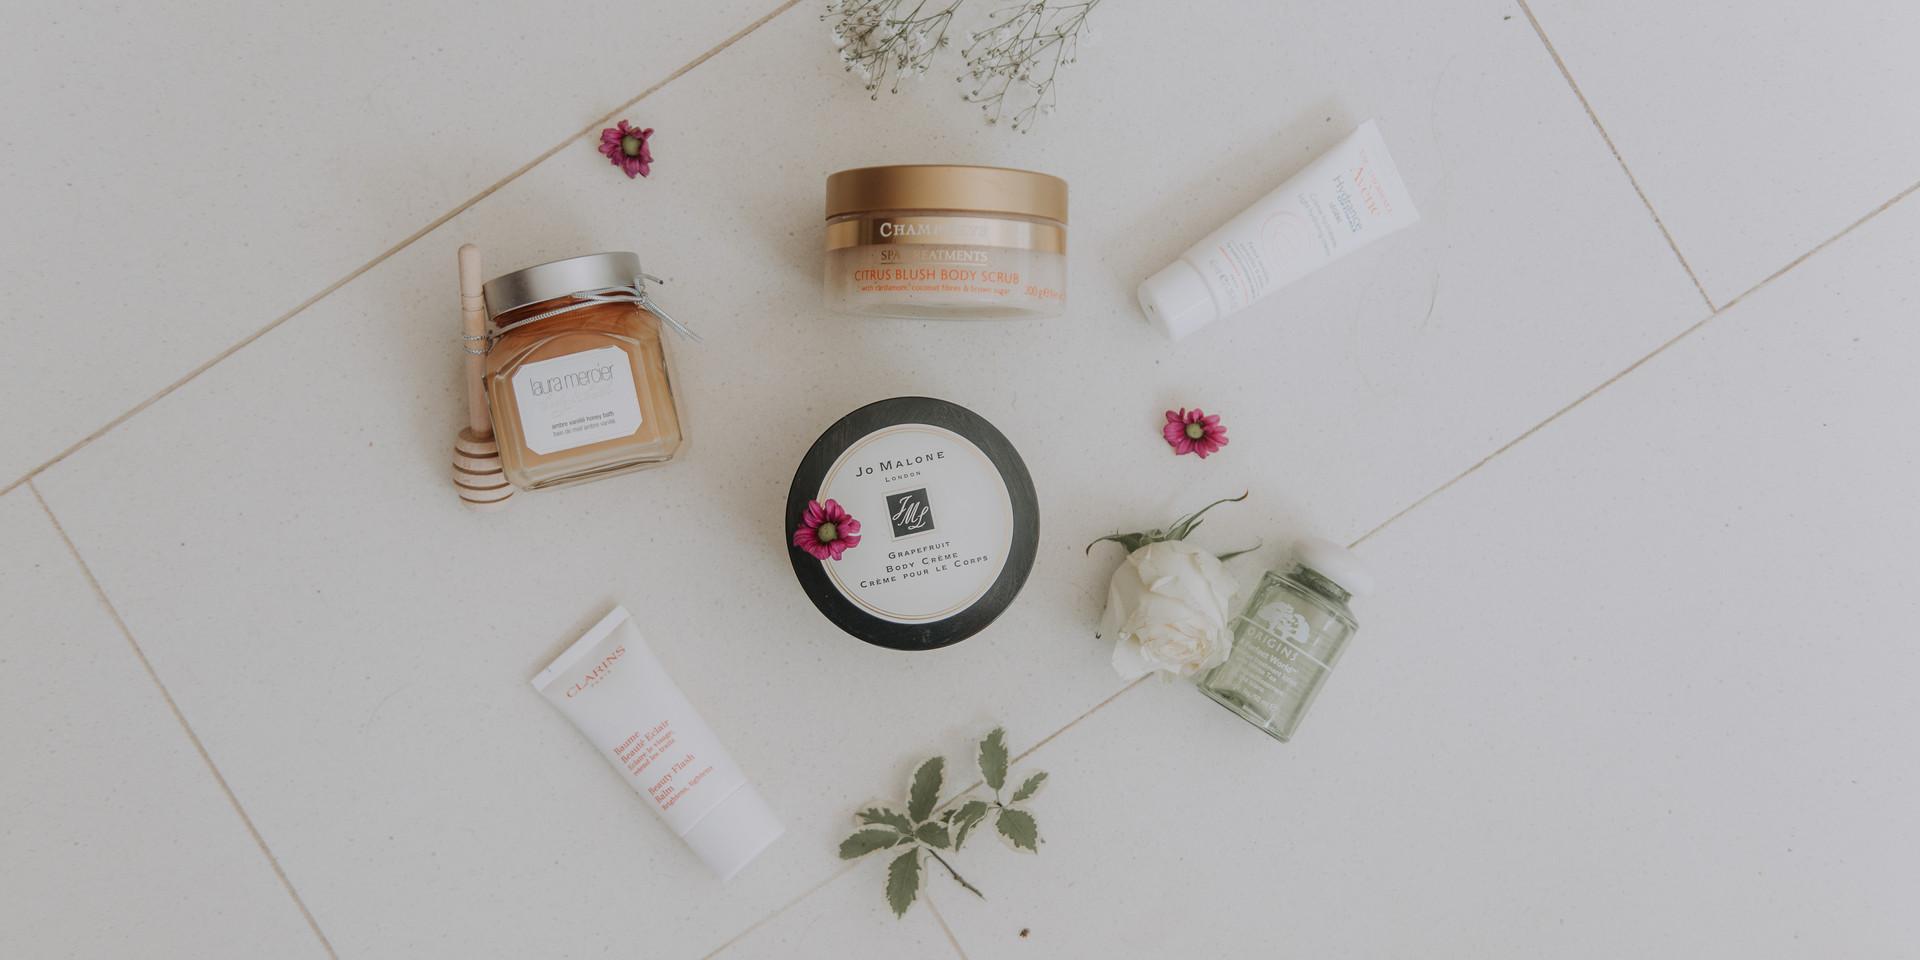 Melissa Oldridhe products